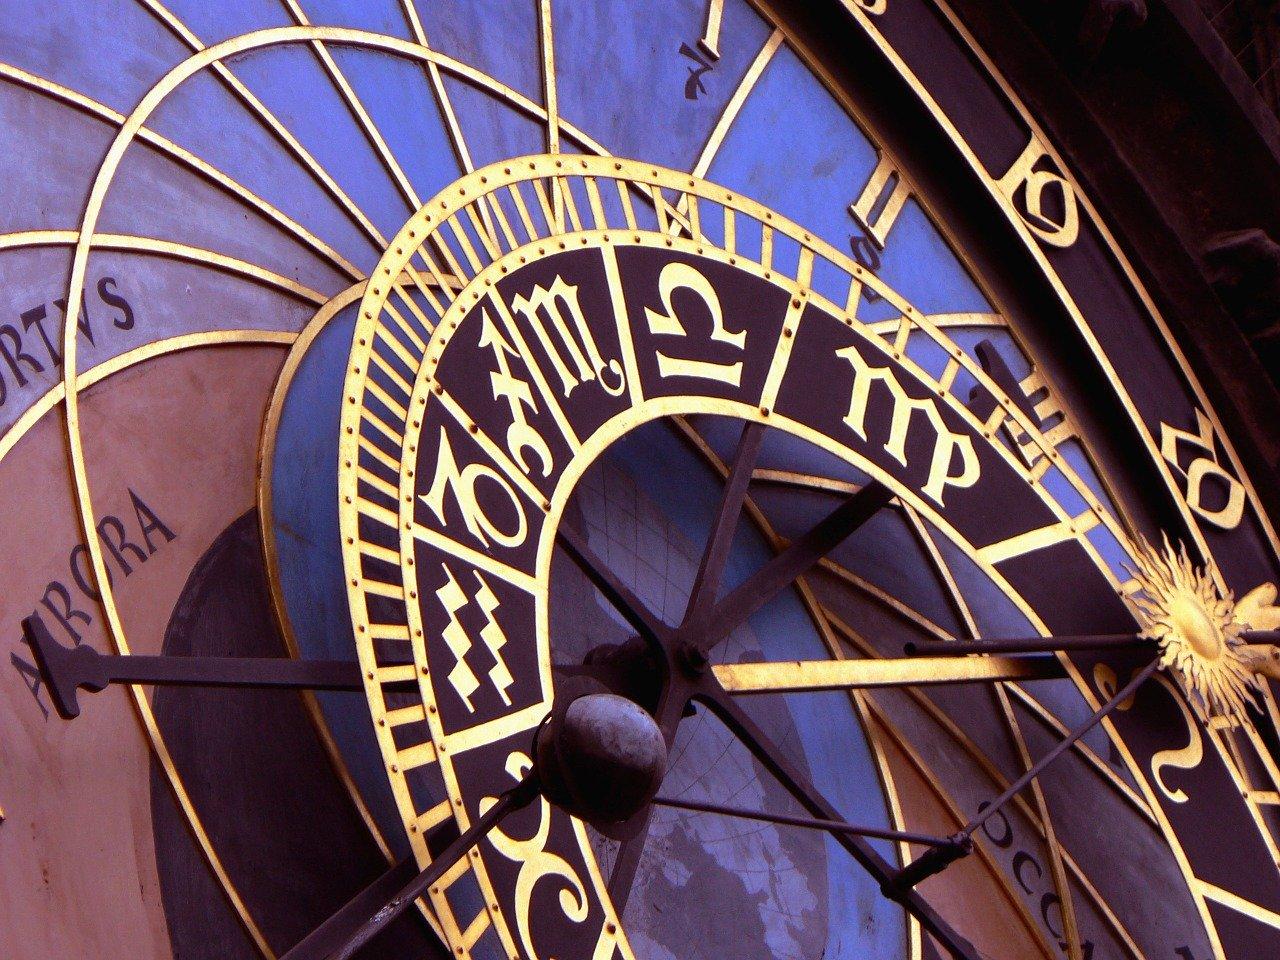 Гороскоп на неделю до 8 ноября 2020 от известного астролога